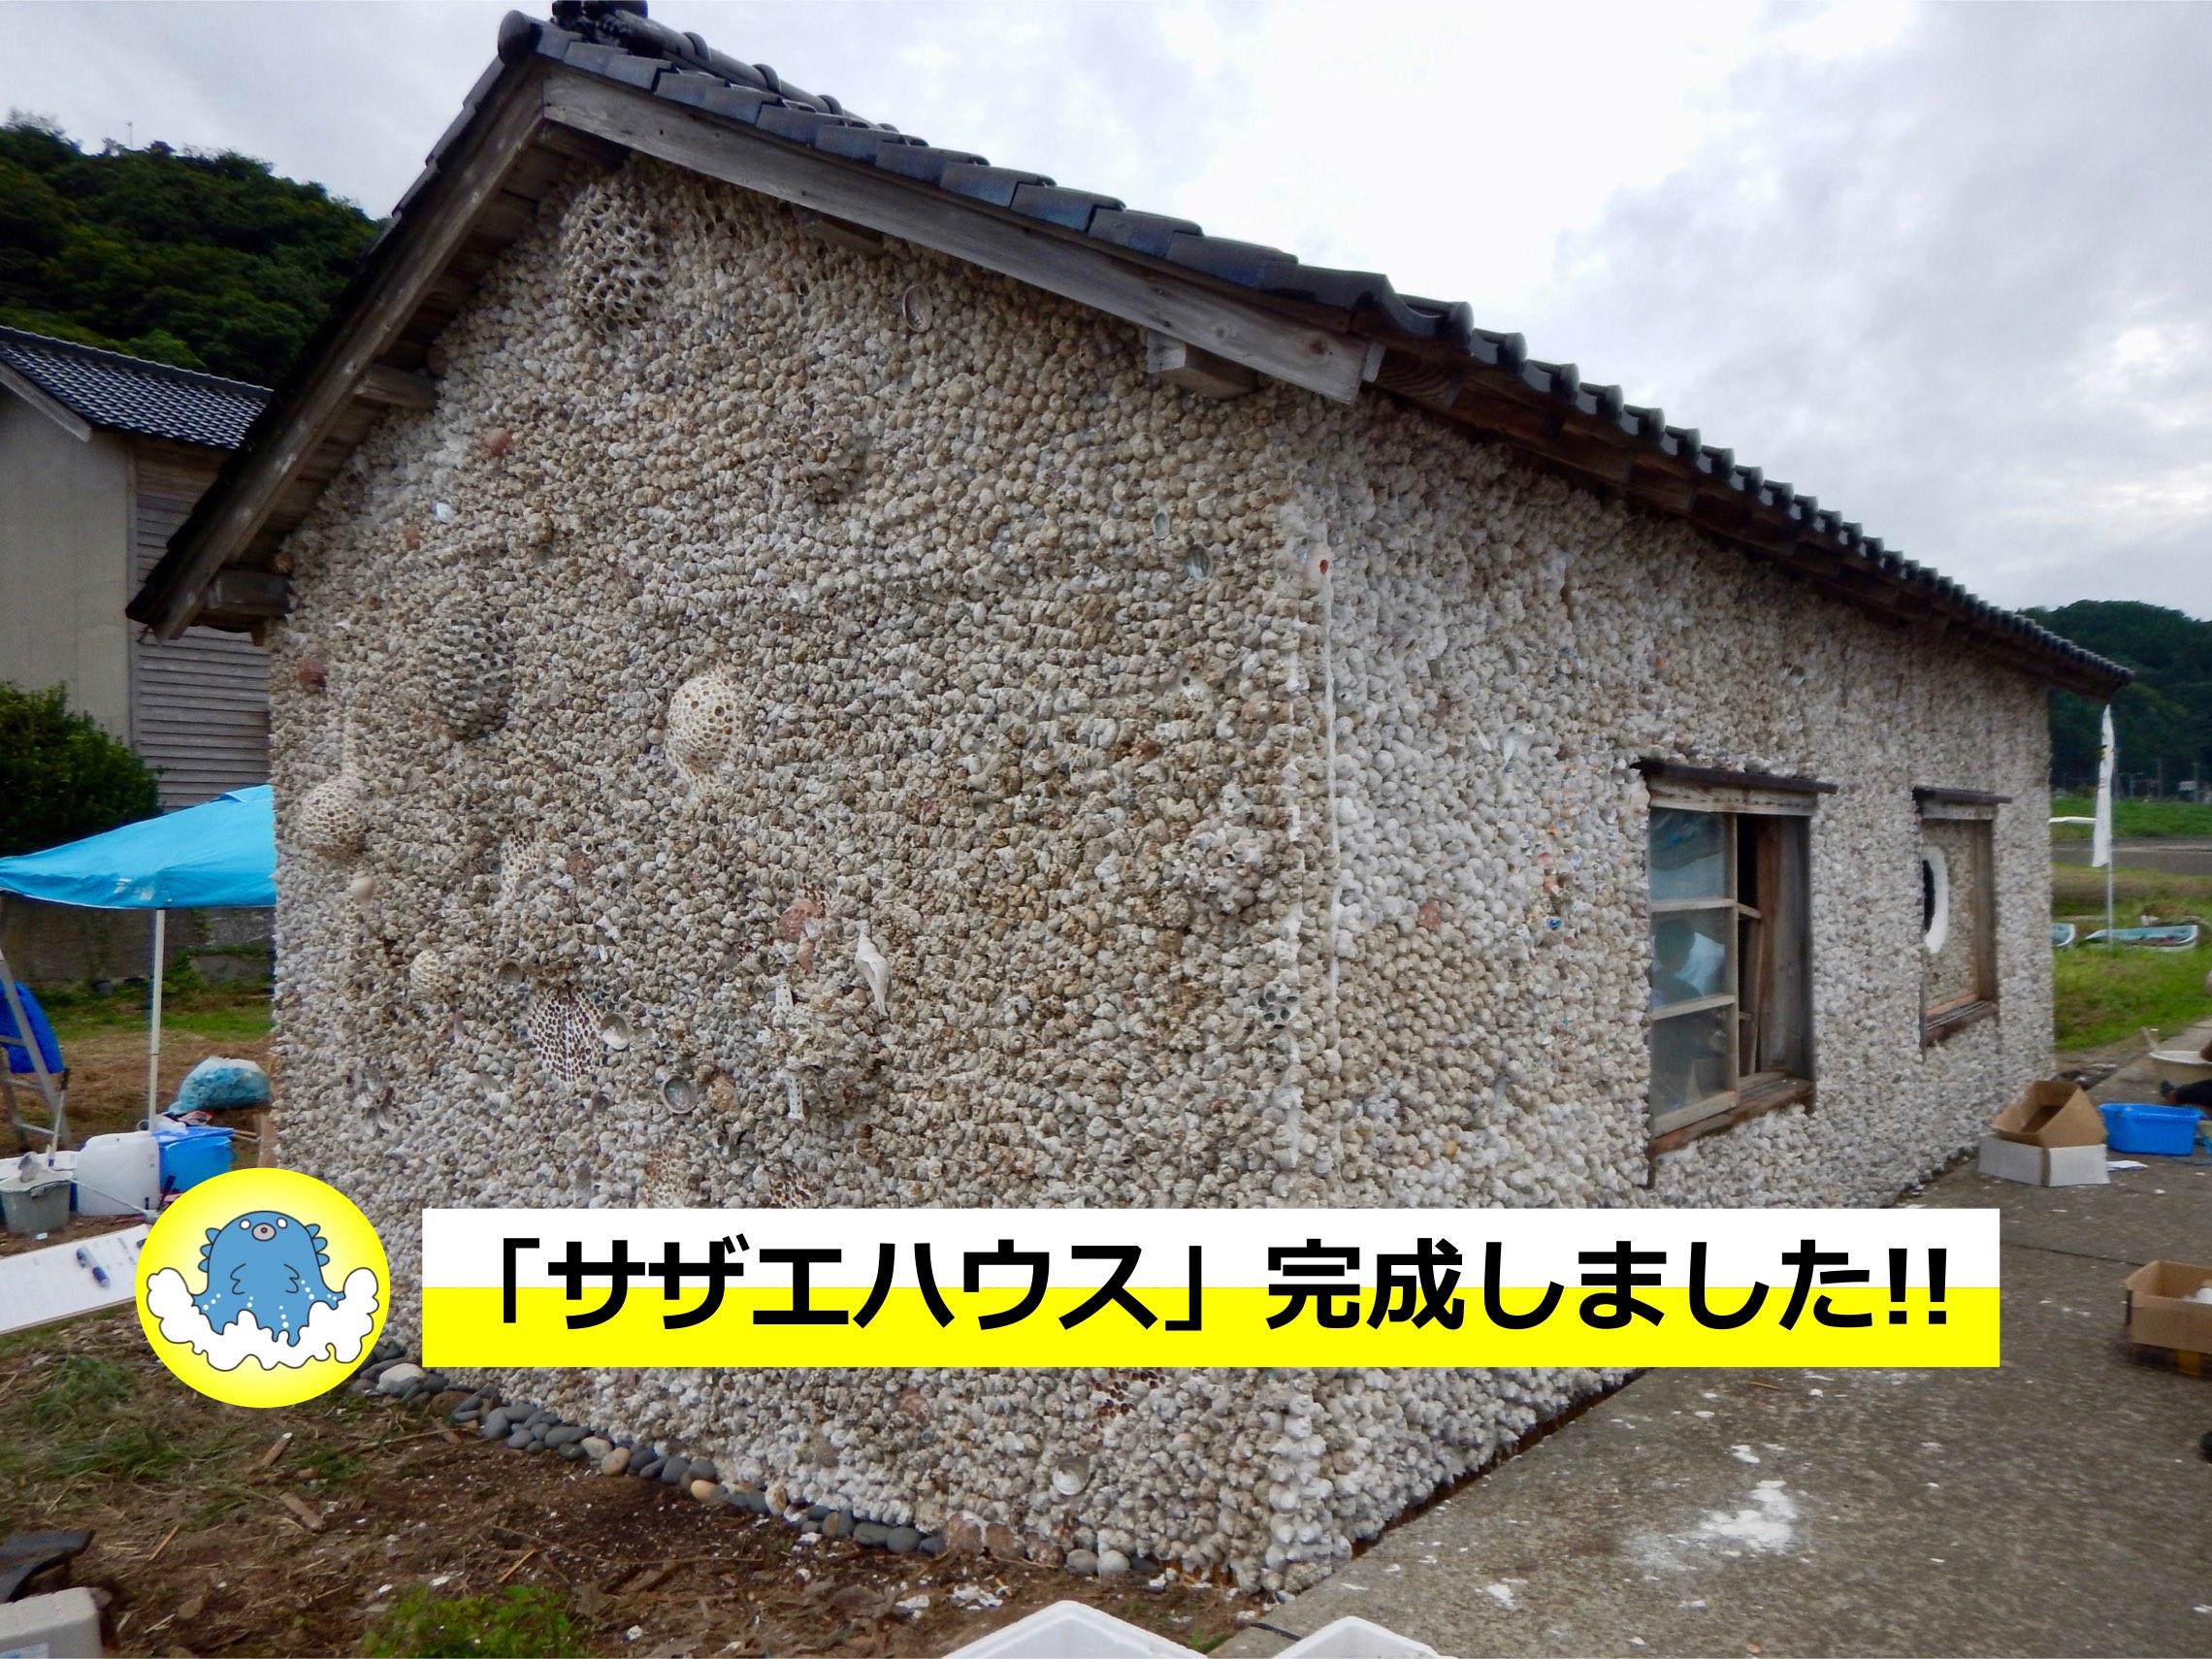 サザエハウス完成 - 1 (1)